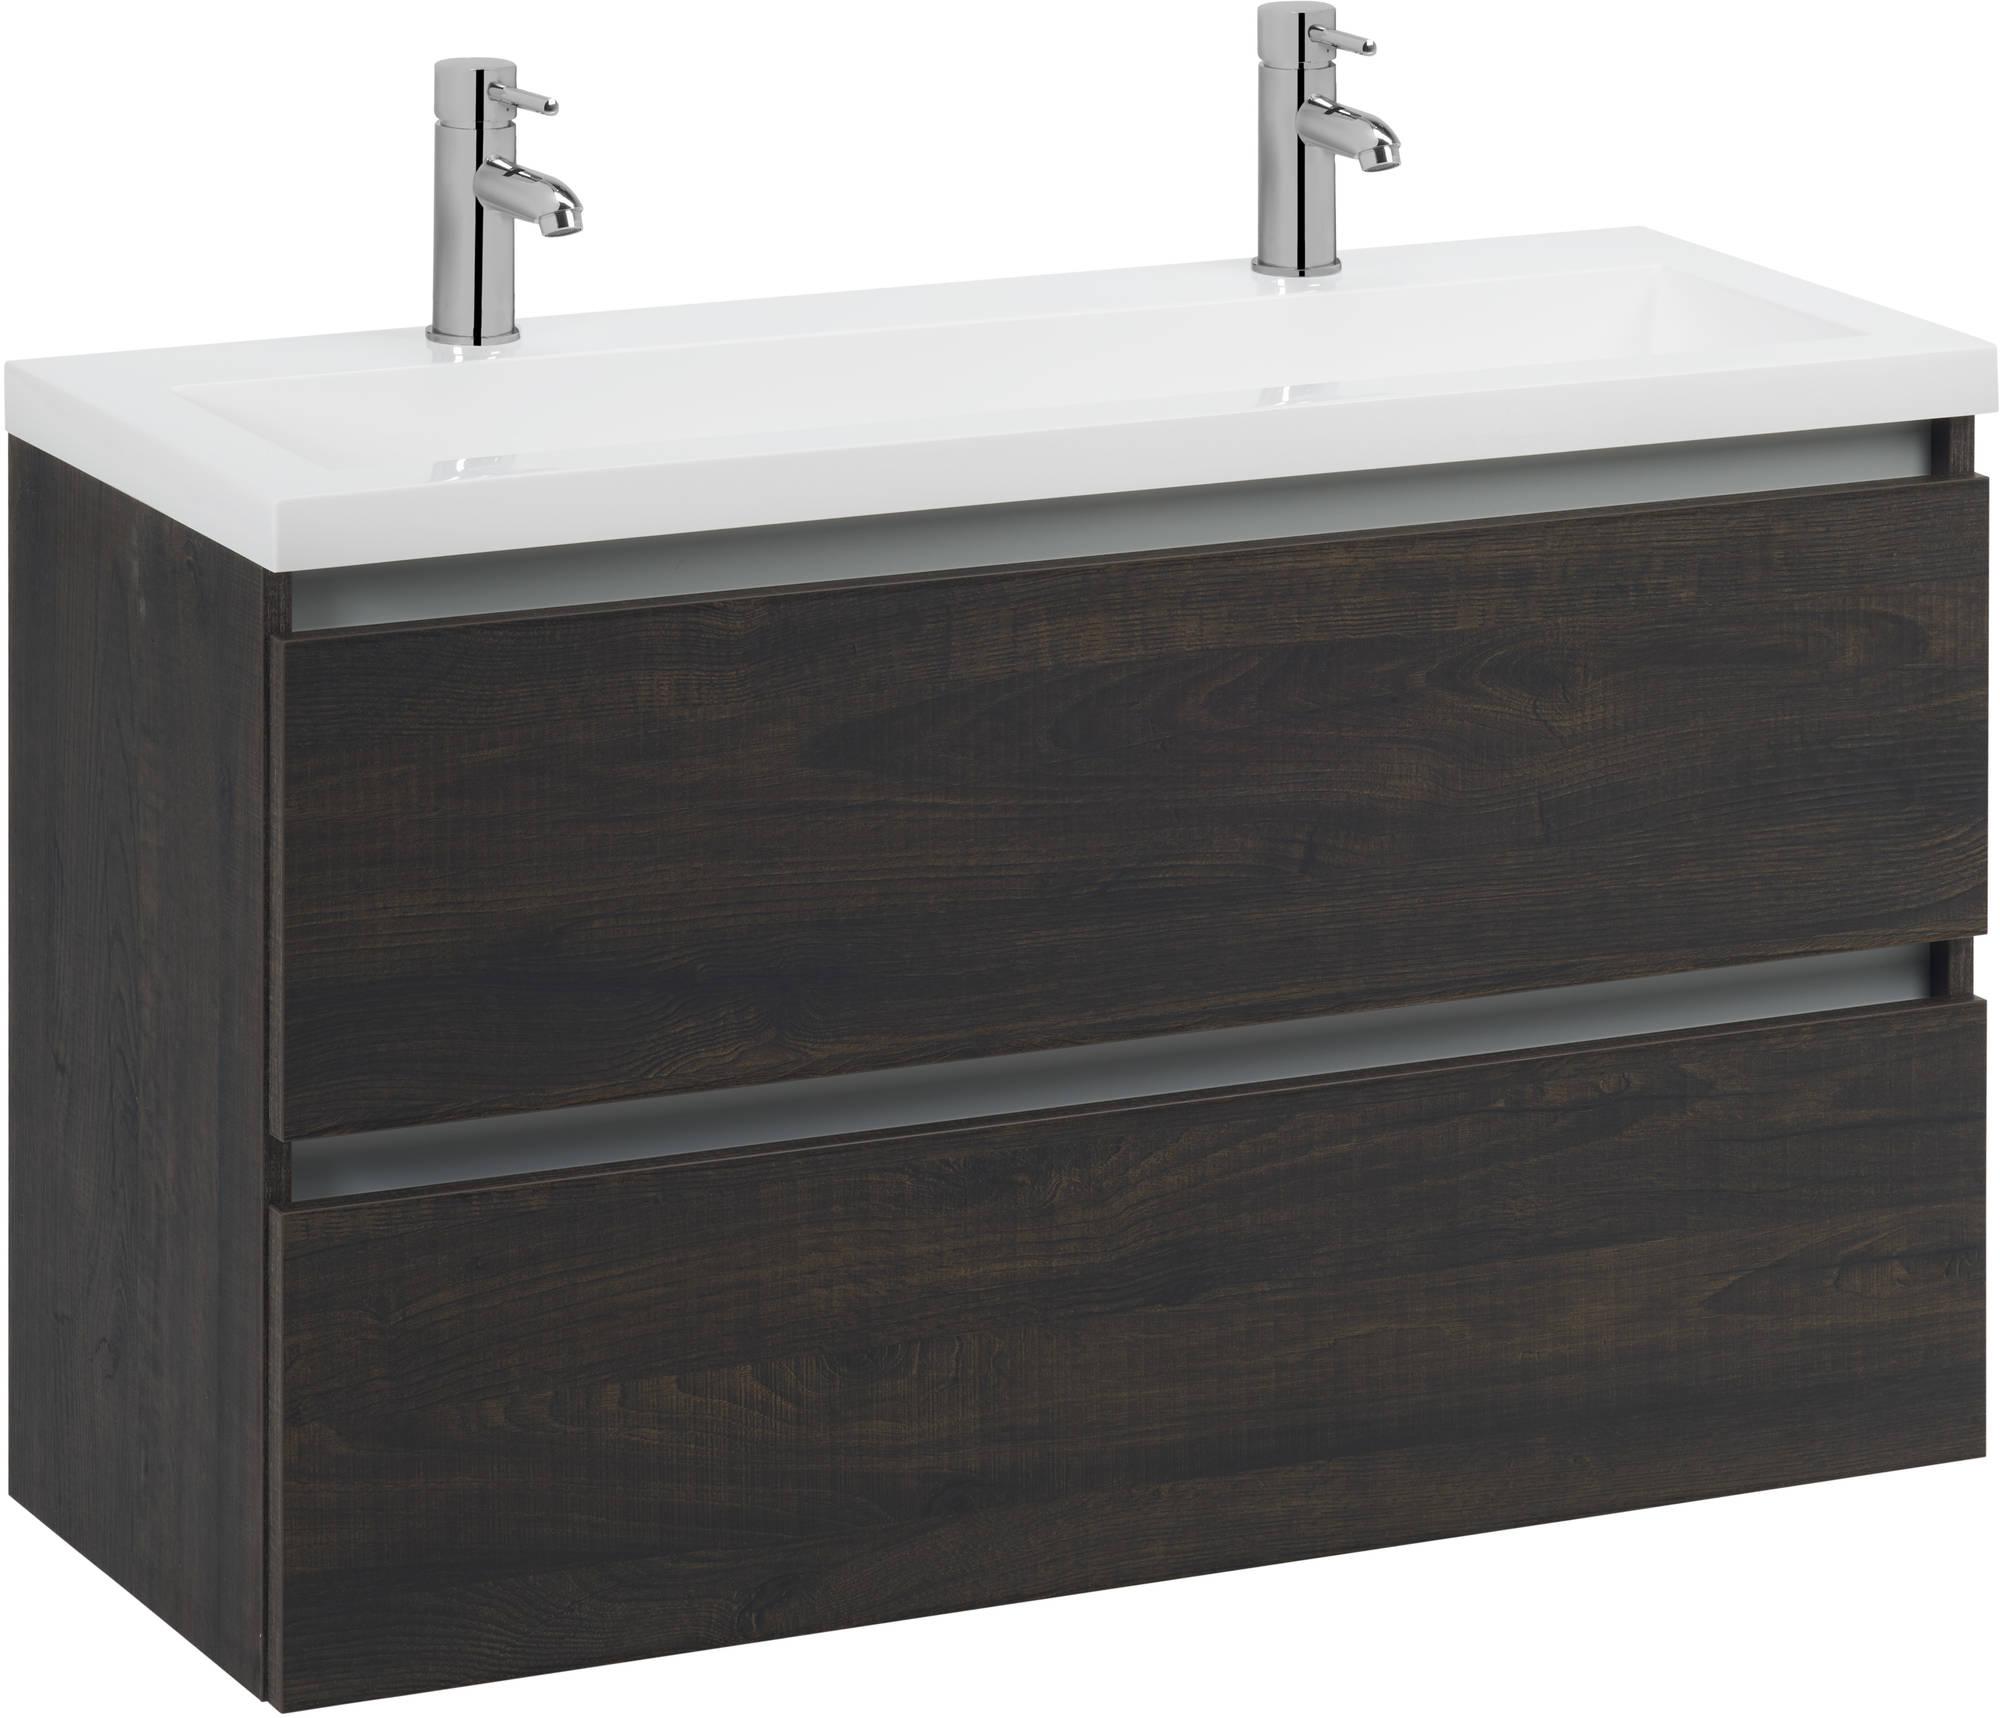 Saniselect Guarda meubelset 2 lades met mineraalmarmere wastafel greeploos 120cm Kasteel Bruin